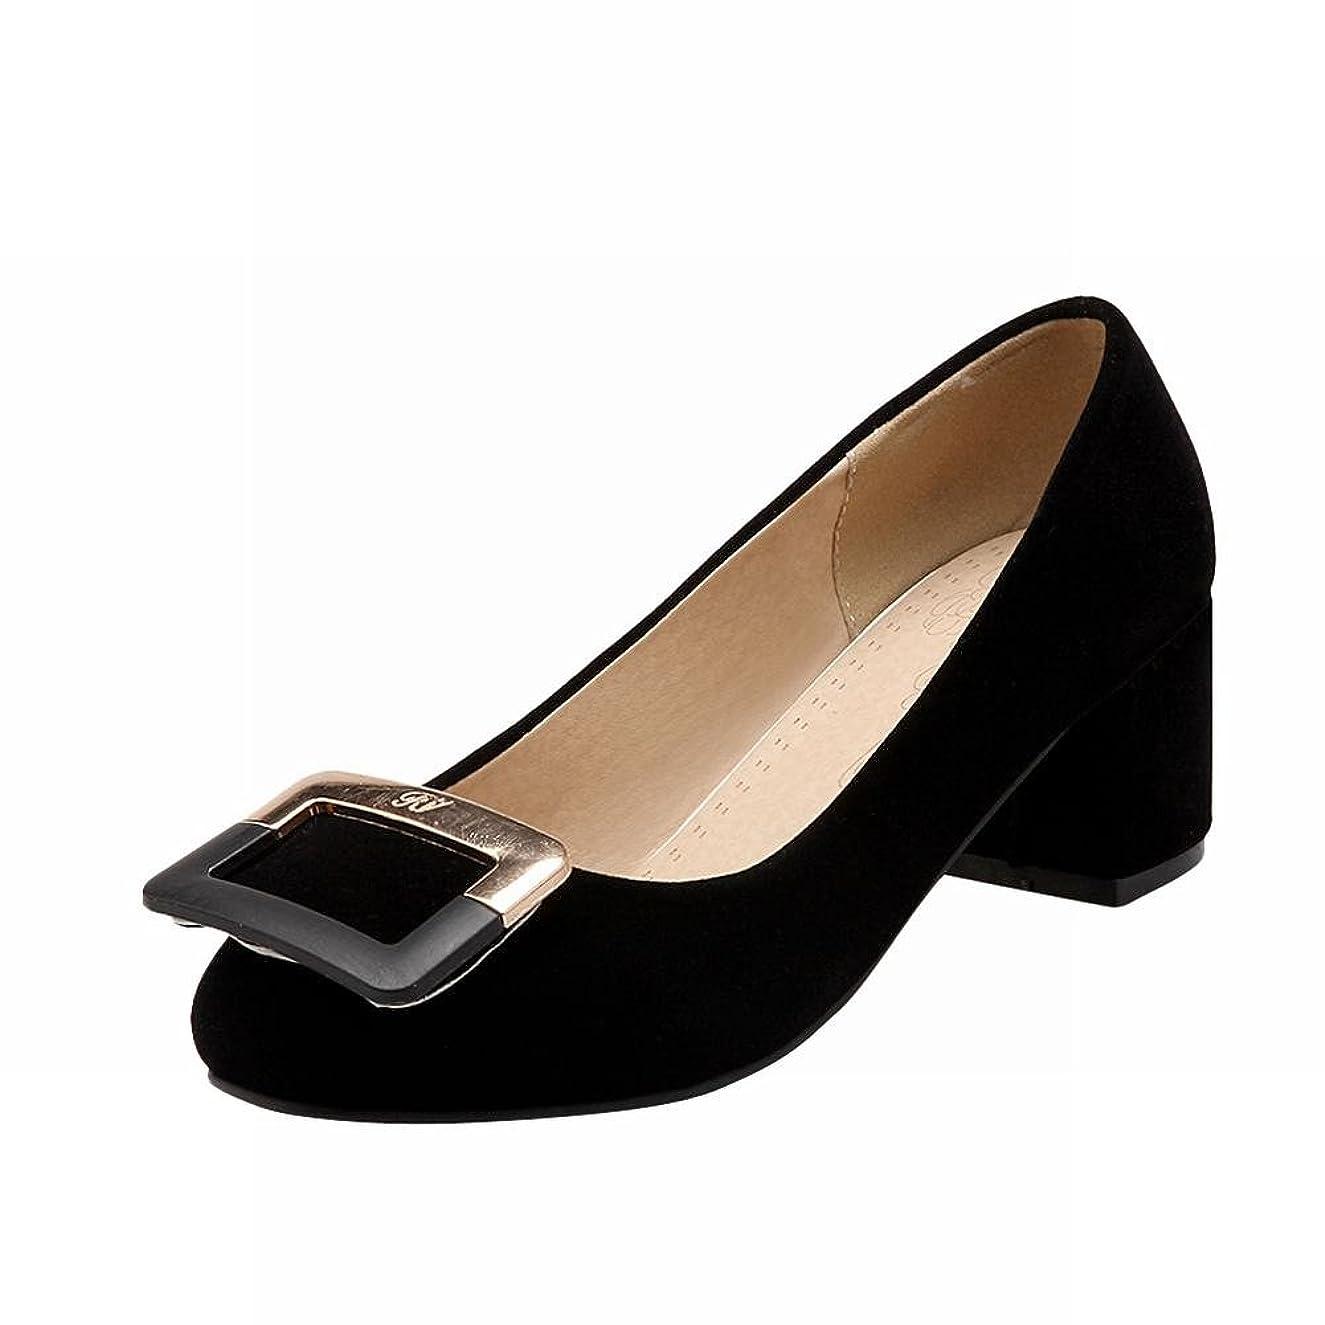 冗長ダルセットカカドゥShow Shineレディースファッション厚底ヒールパンプス靴